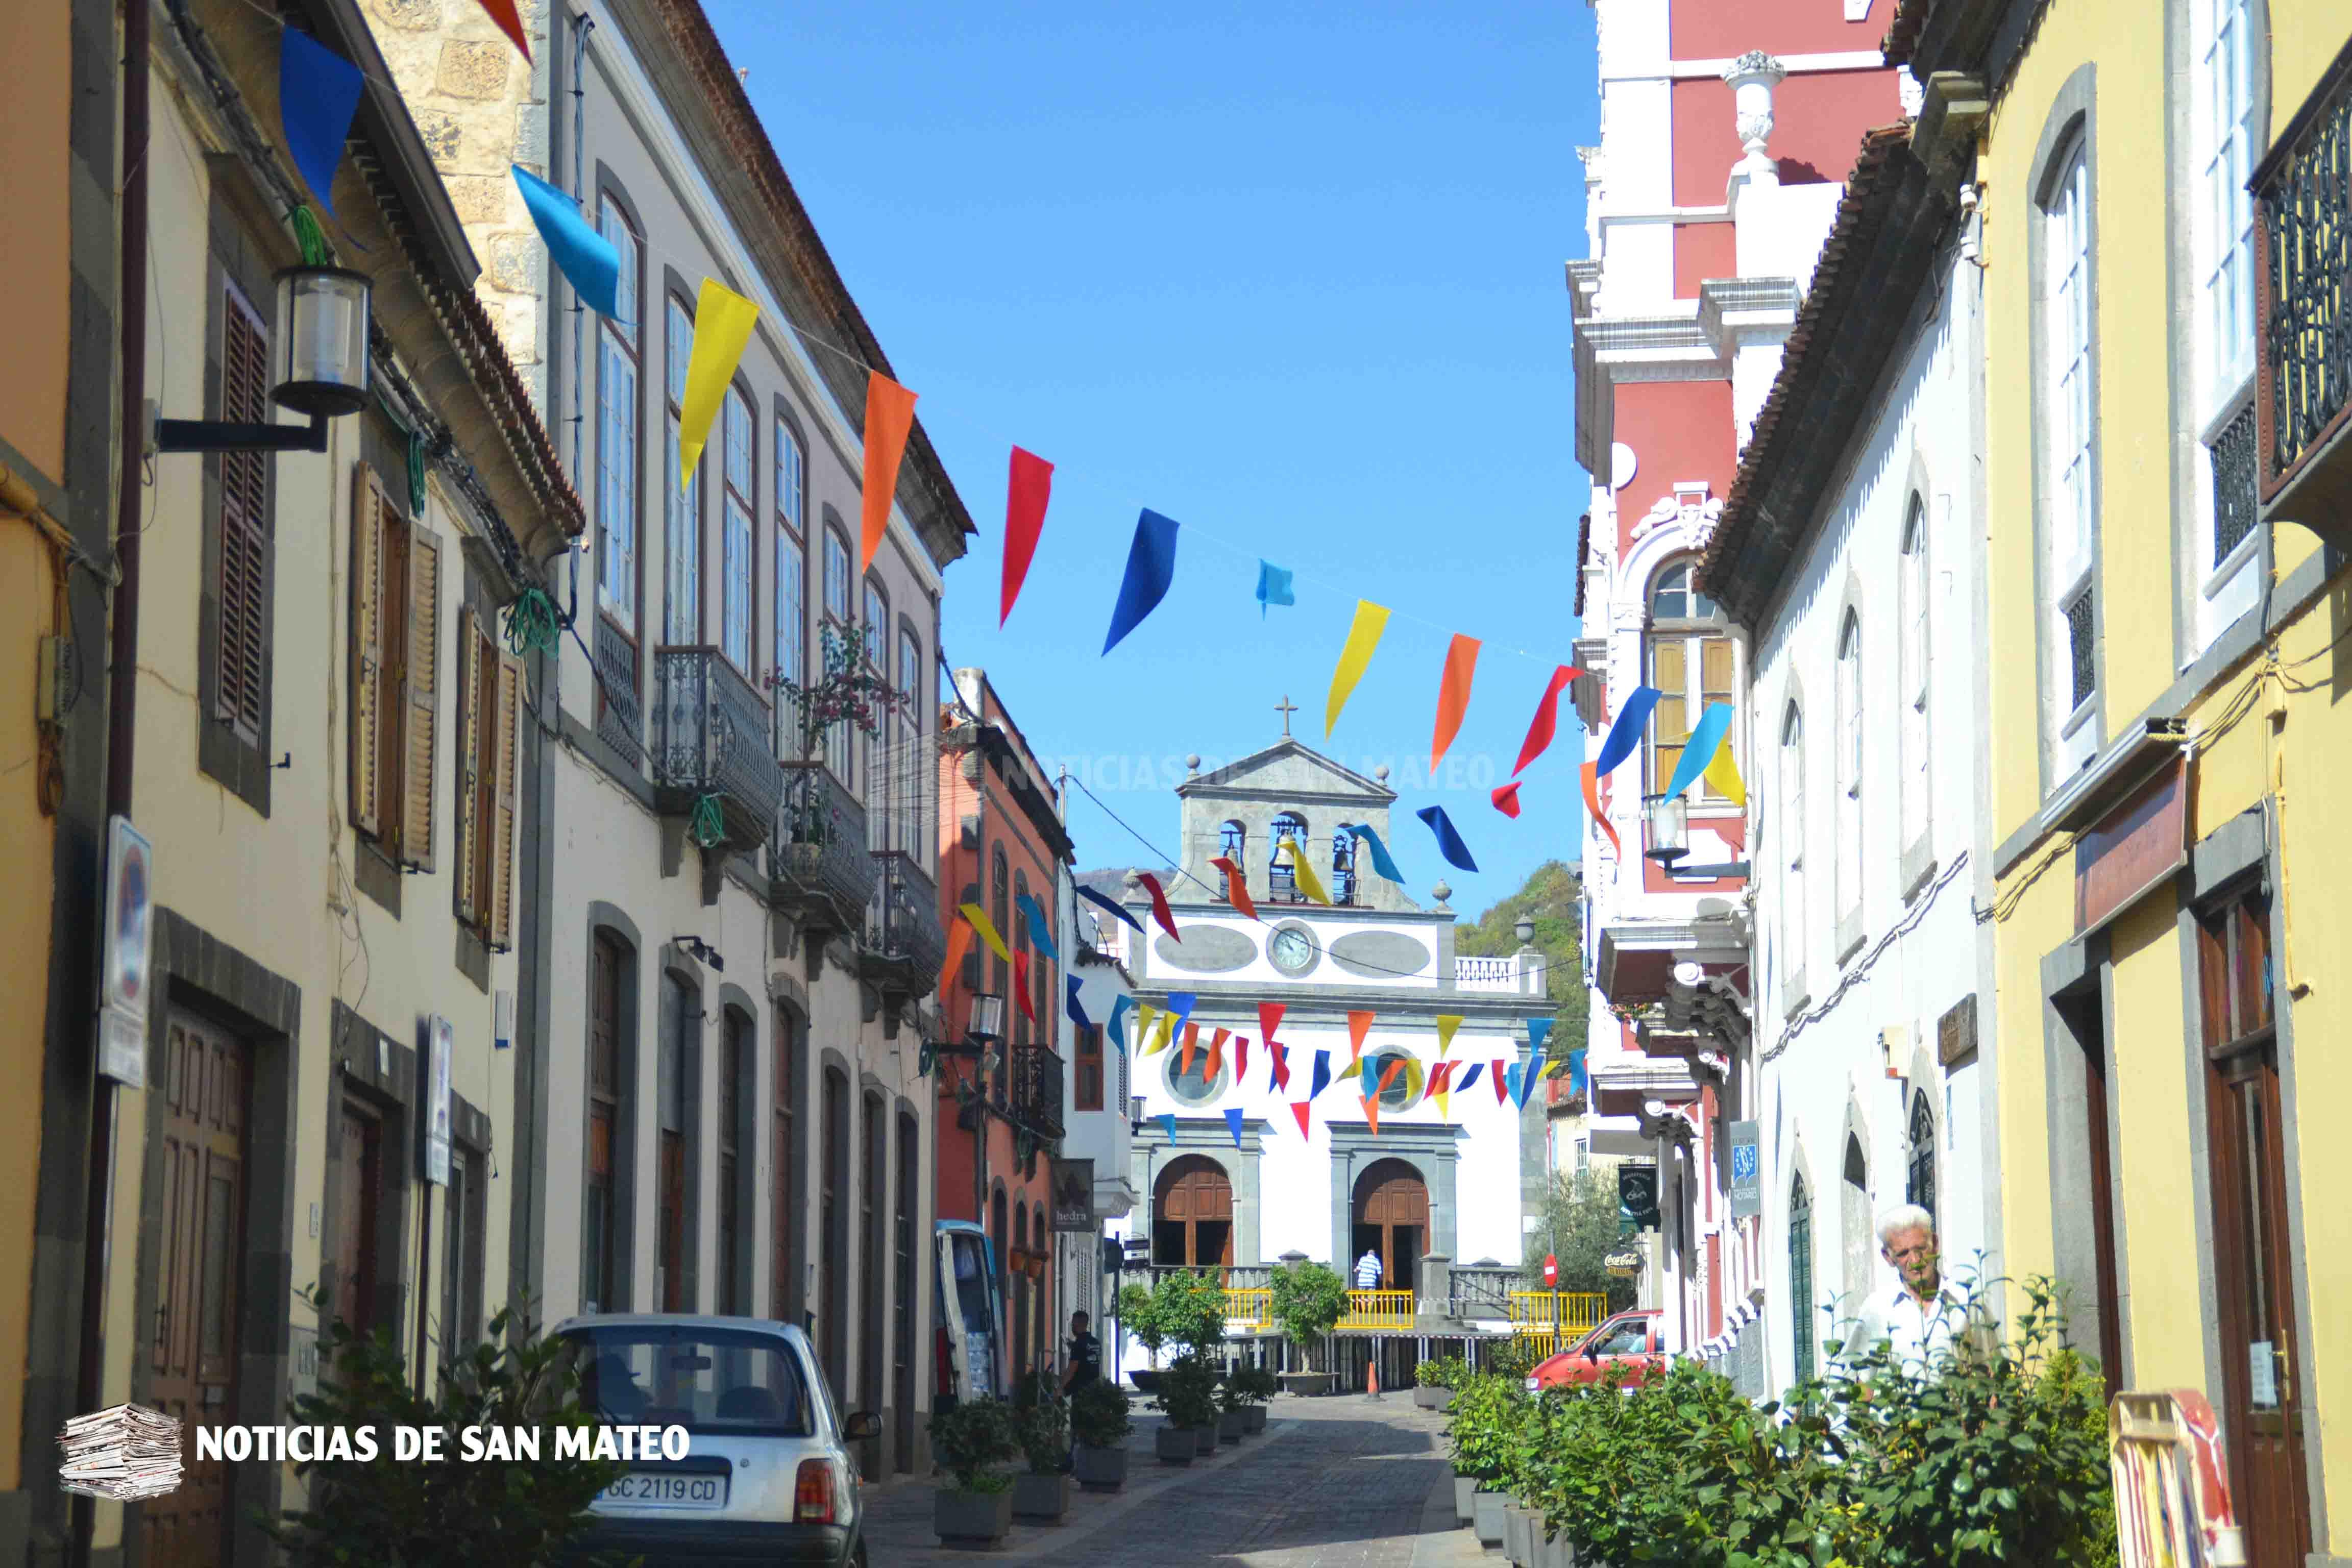 Calle Principal con banderas de colores fiestas 2018 Foto Laura Miranda Noticias de San Mateo